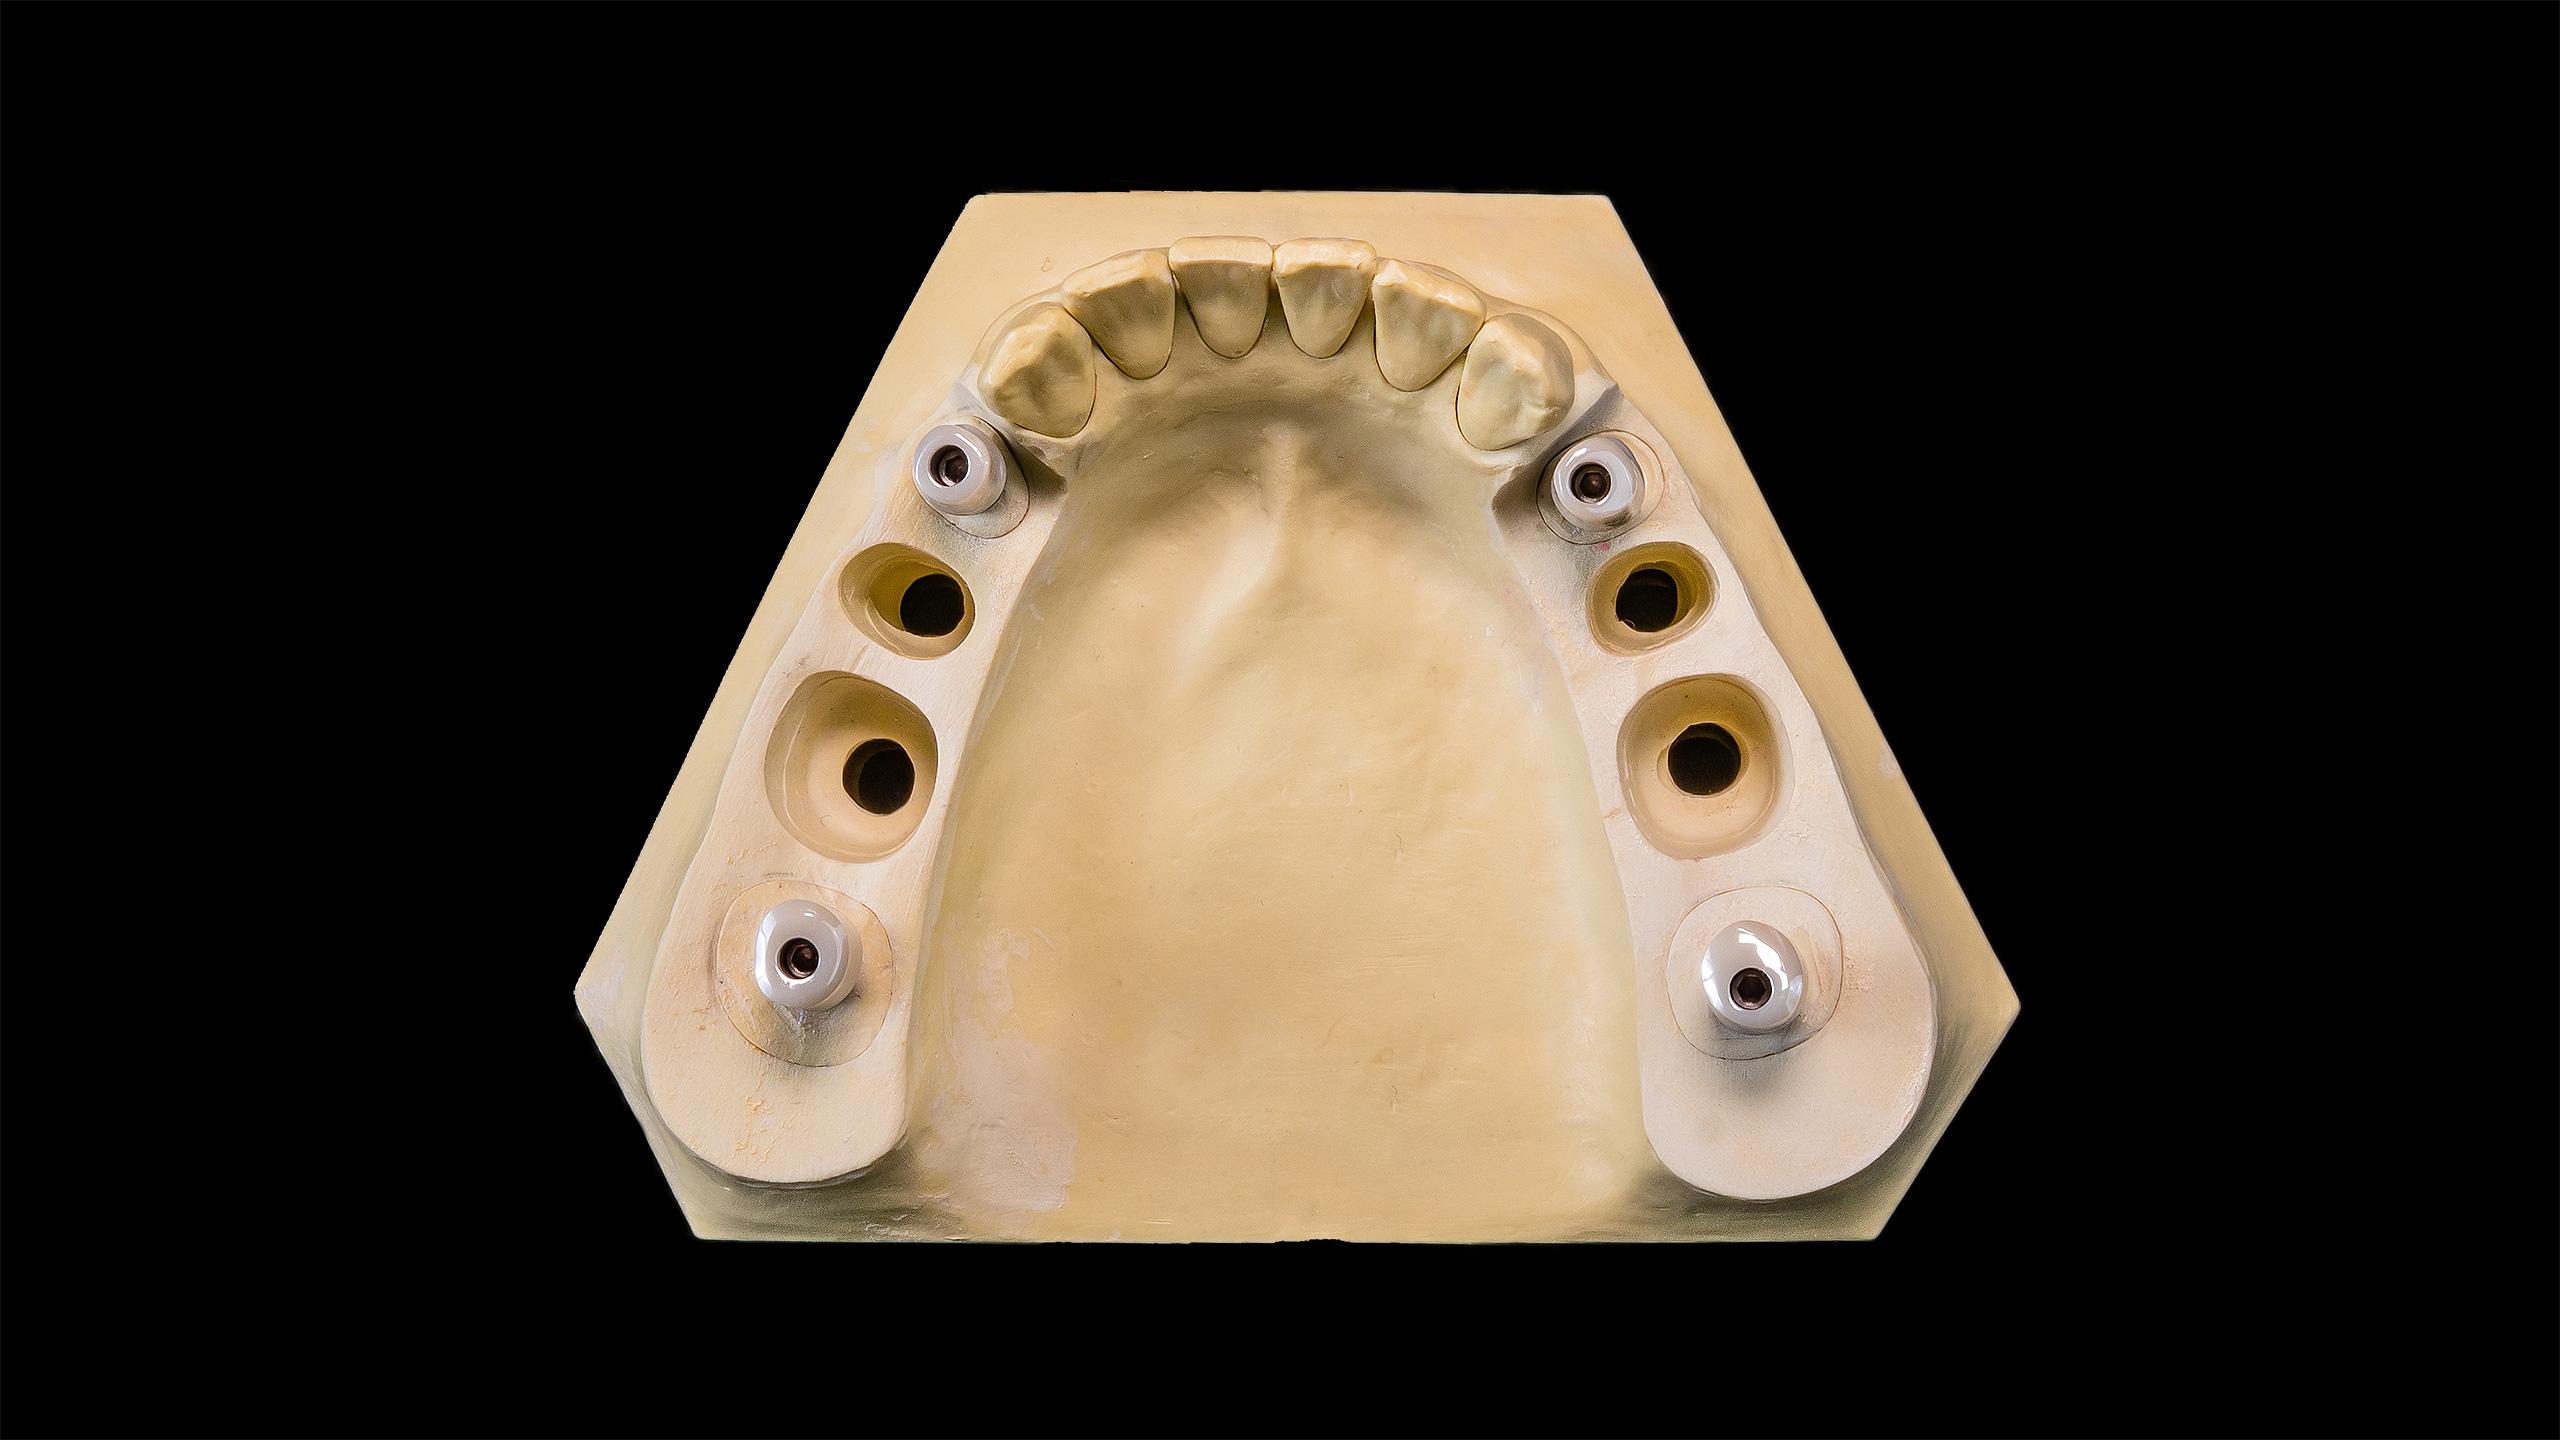 Galerie u seite u creativ dental gmbh